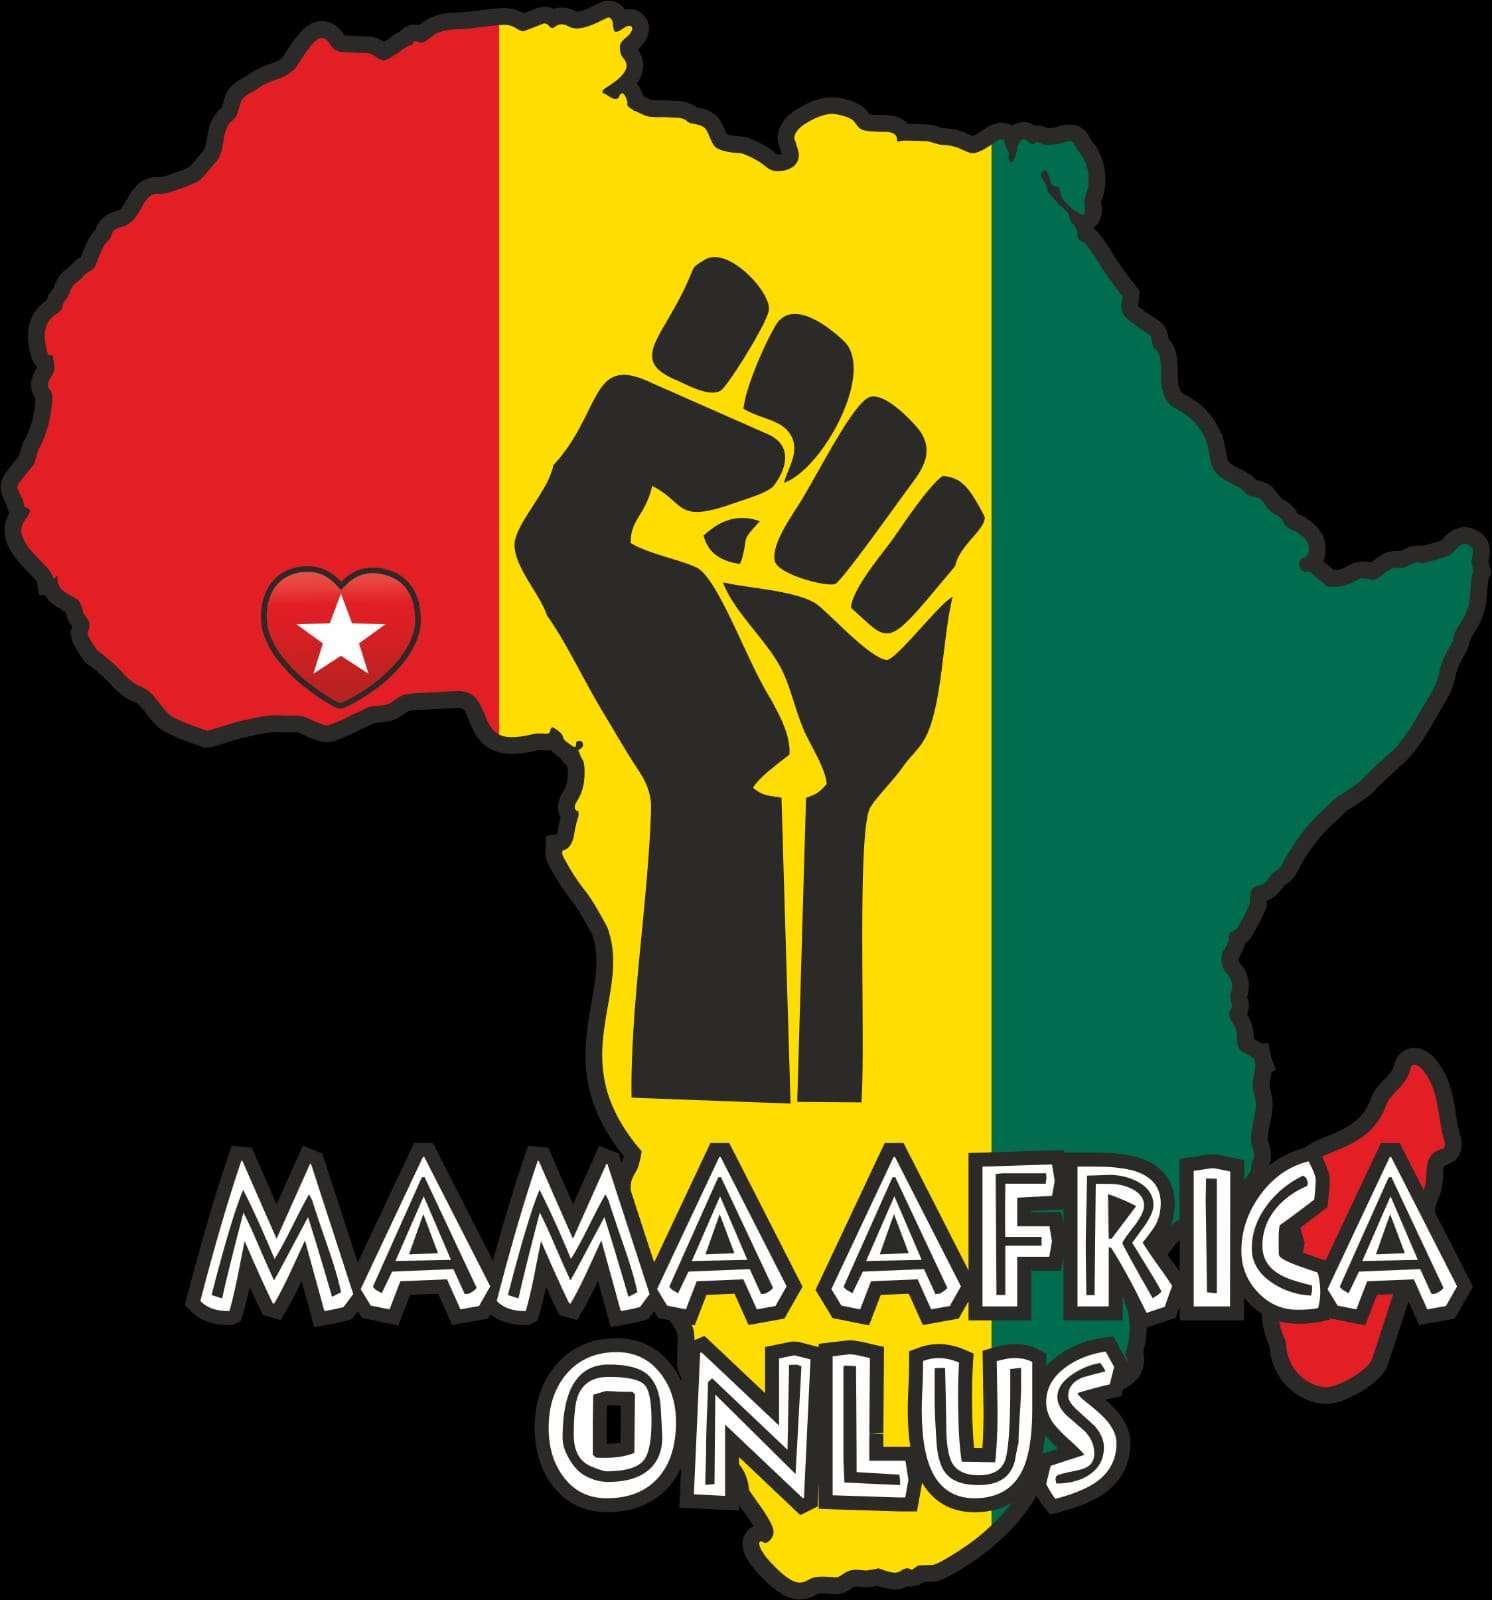 Mamafrica